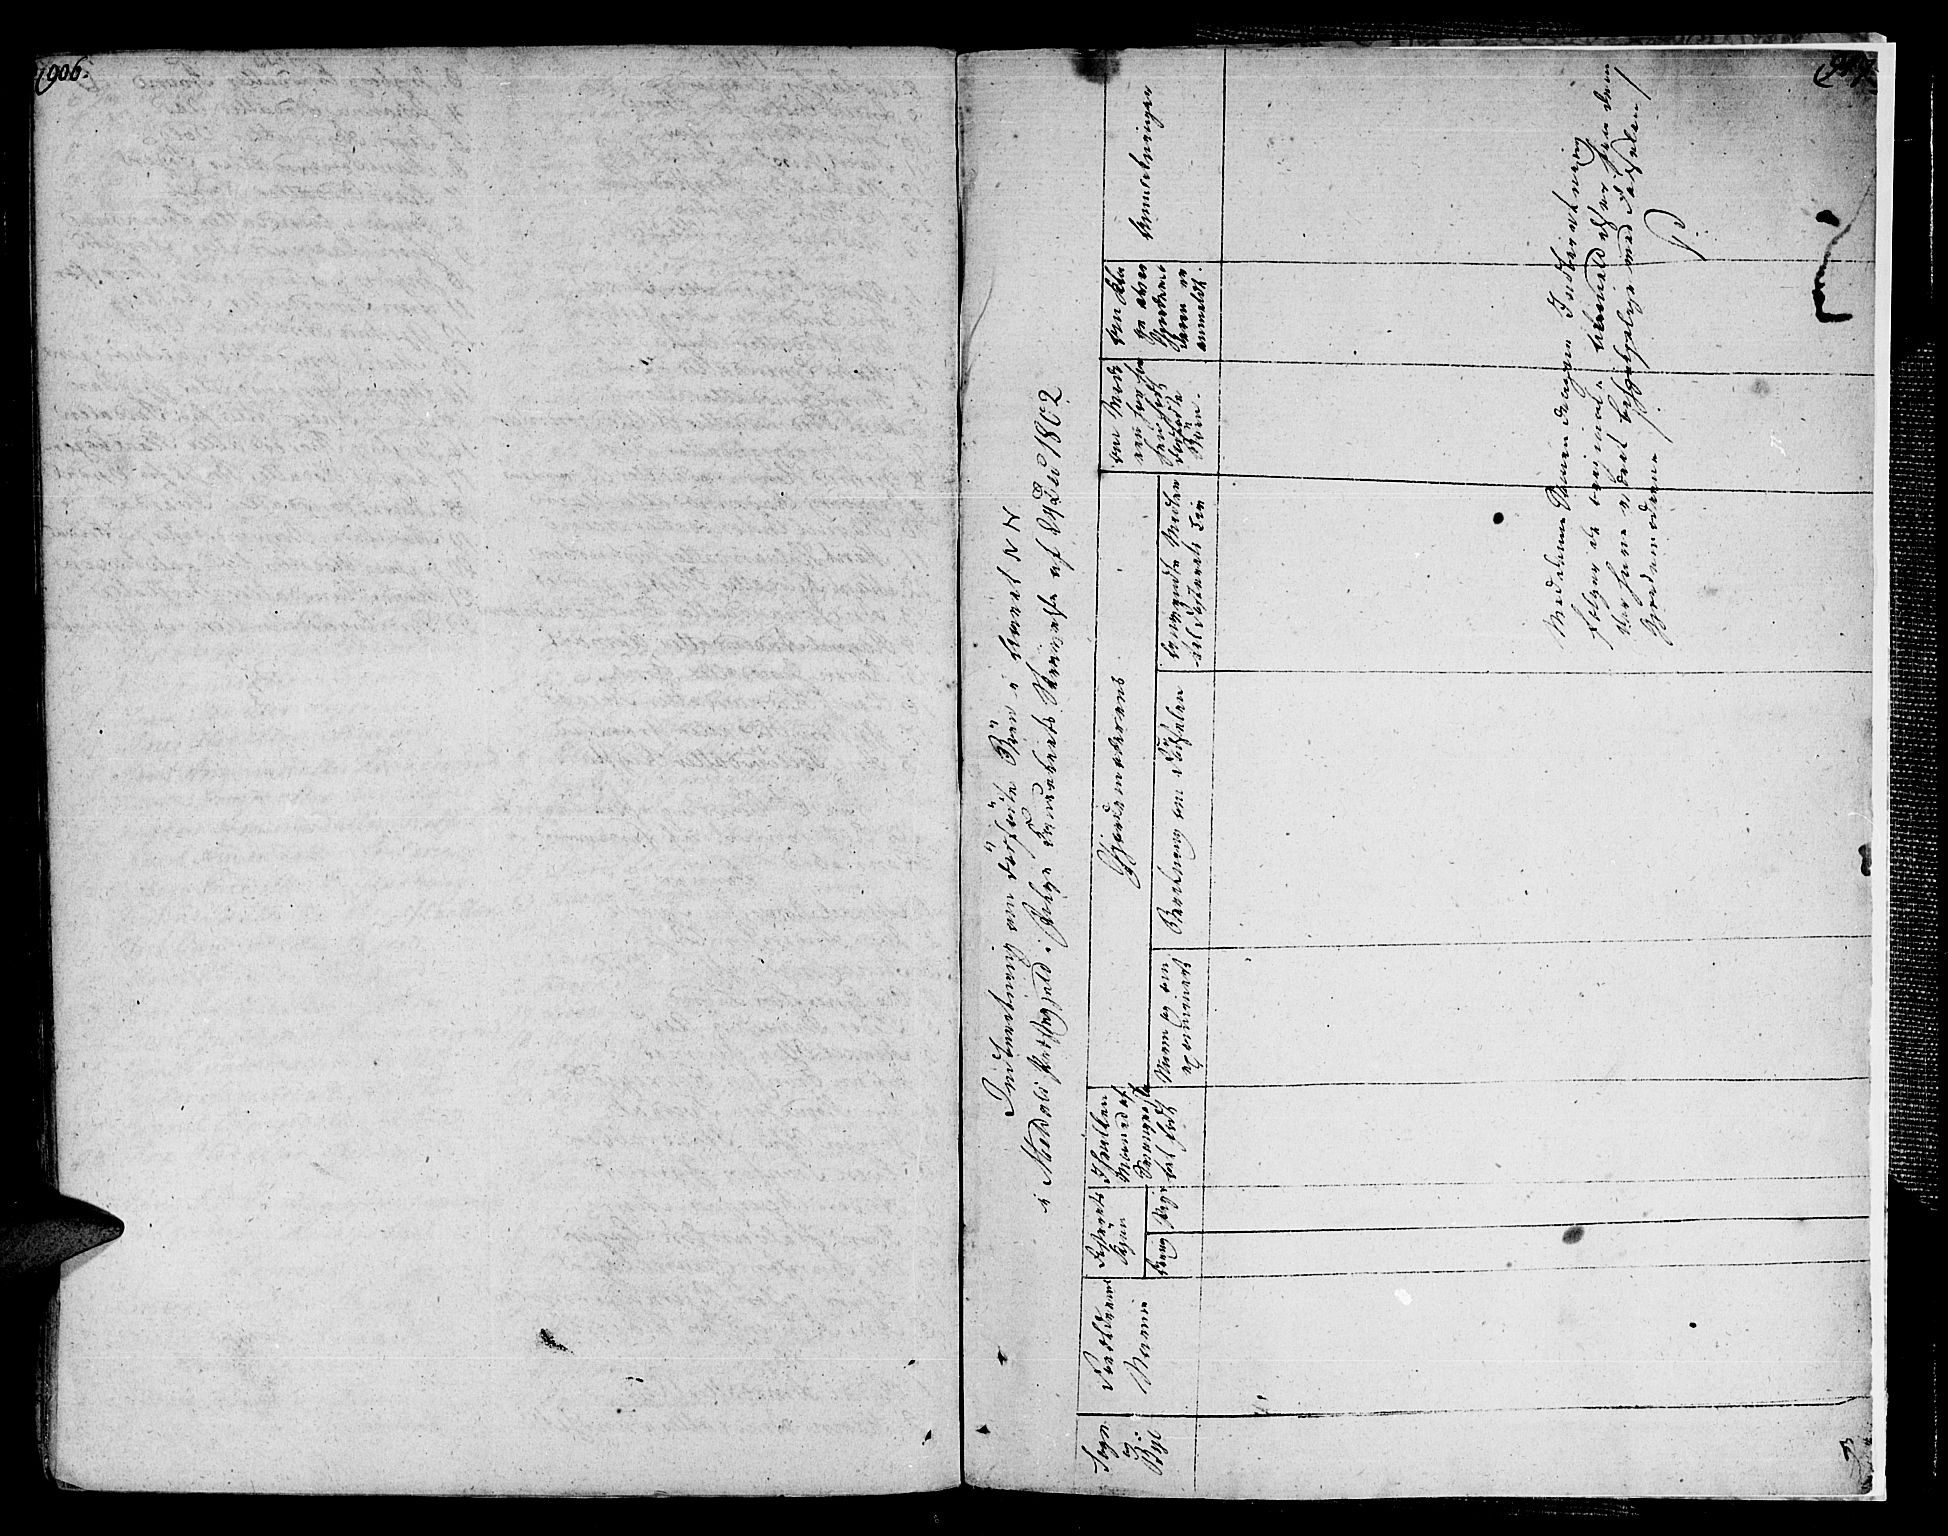 SAT, Ministerialprotokoller, klokkerbøker og fødselsregistre - Sør-Trøndelag, 672/L0852: Ministerialbok nr. 672A05, 1776-1815, s. 906-907